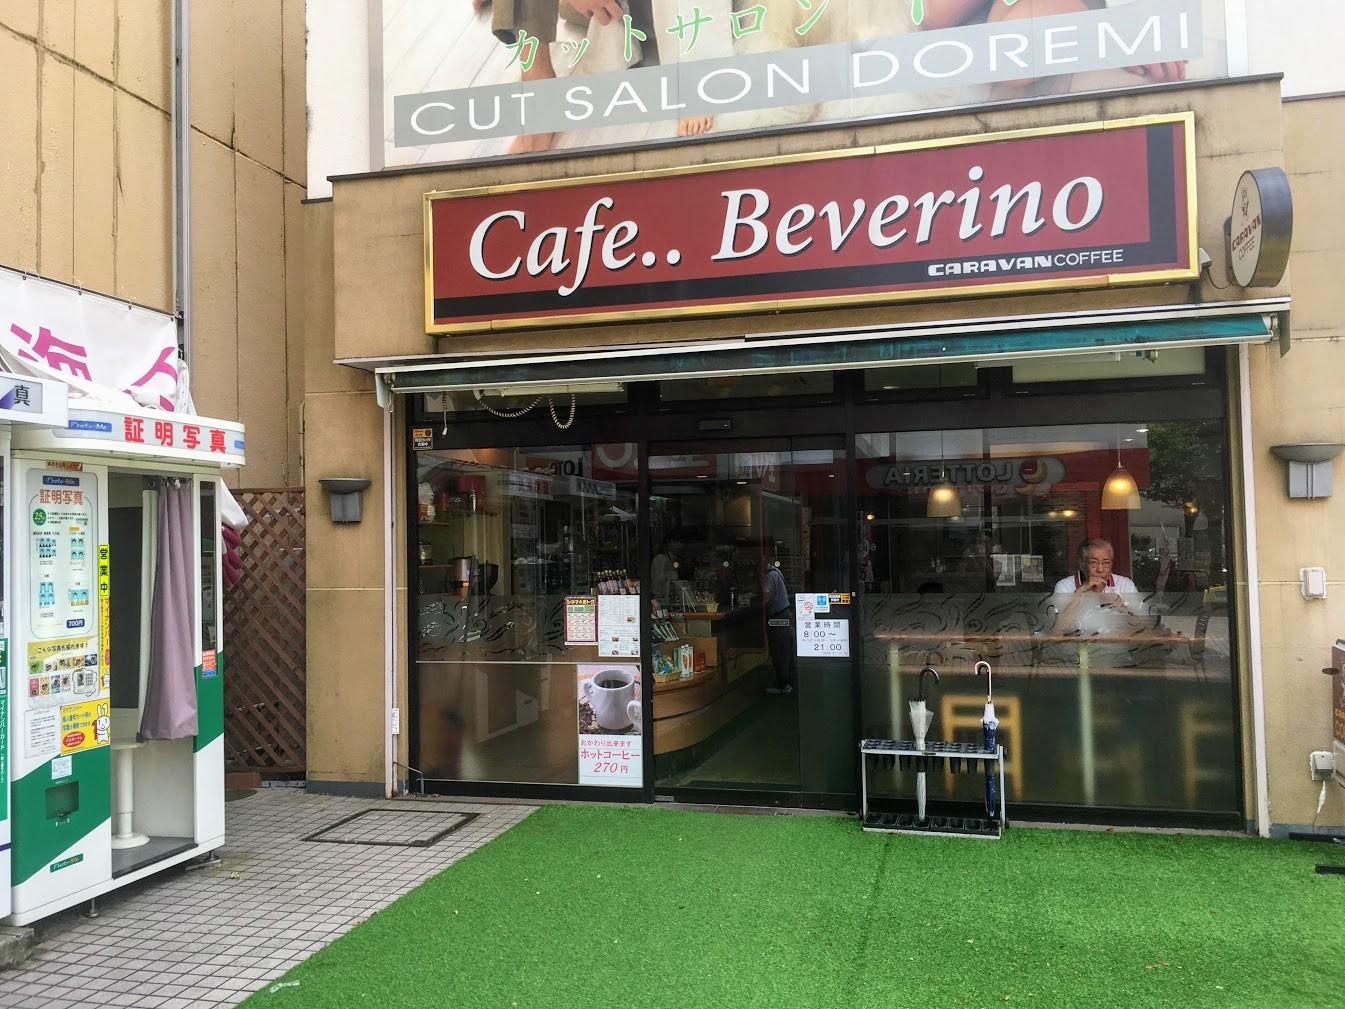 8915c23ee47af 海老名にちょいと映画を見に来たのですが、ちょいと時間があったので時間調整をすることに。訪問したのはカフェベヴェリーノです。イオン入り口にあるお店で昔は  ...